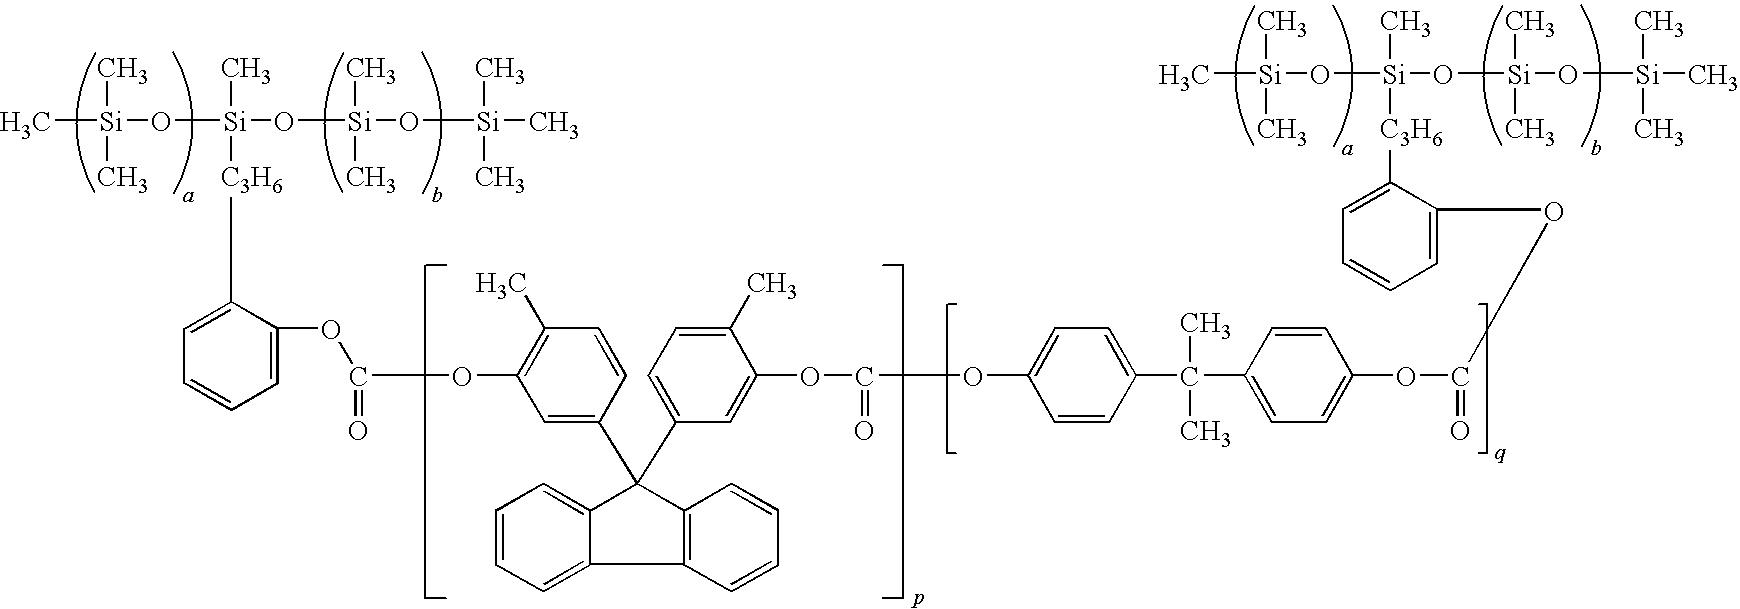 Figure US08007970-20110830-C00009